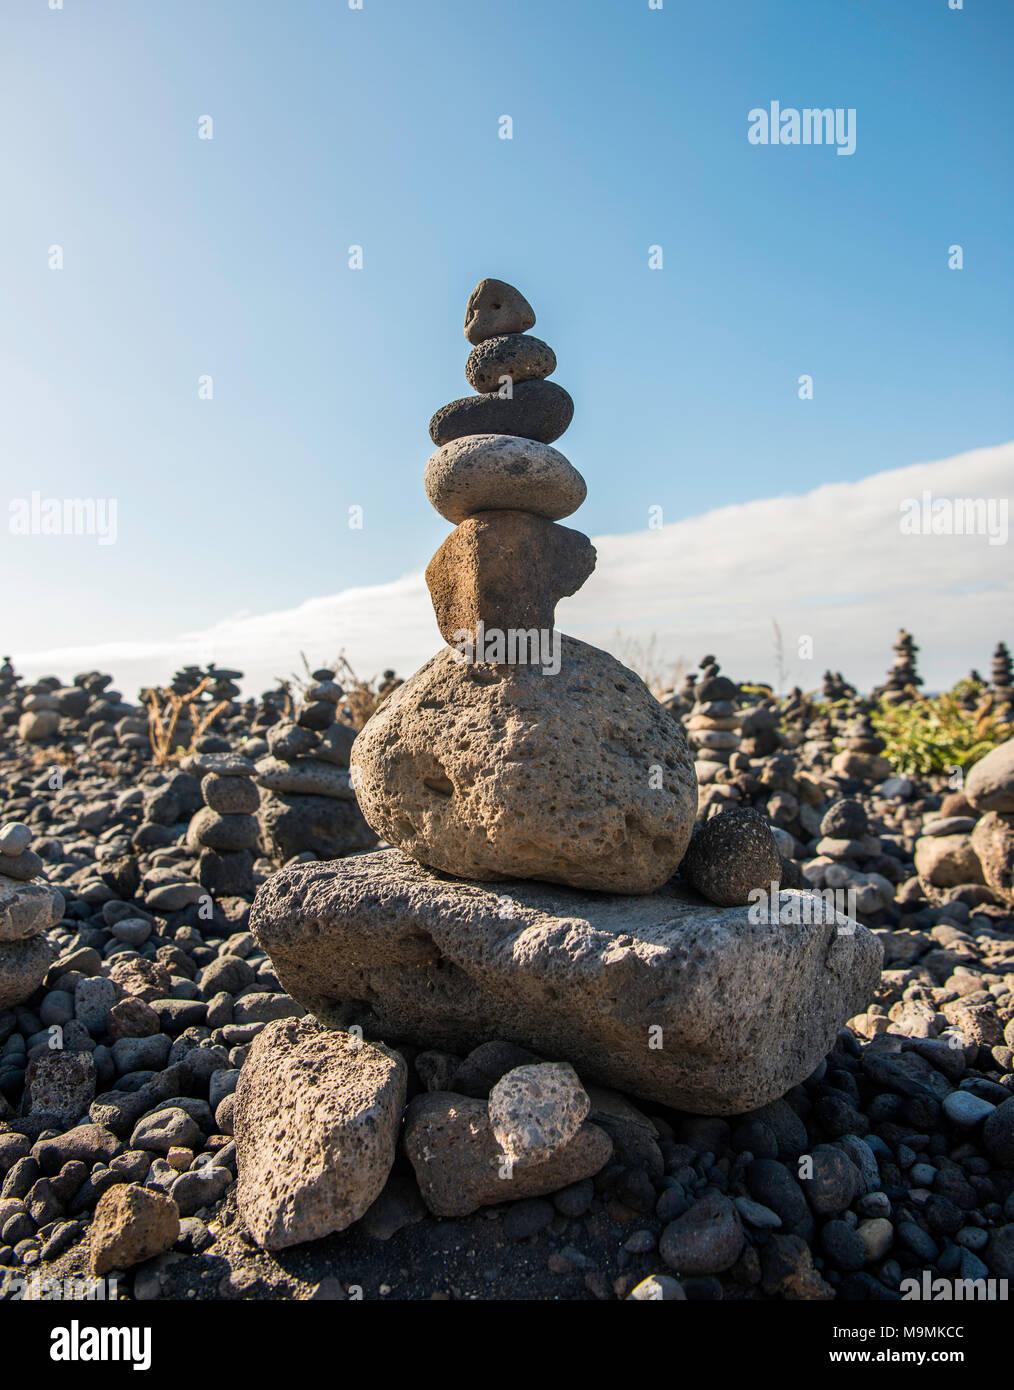 Stacked stones, cairns, pyramids, Playa del Castillo, Puerto de la Cruz, Tenerife, Spain - Stock Image